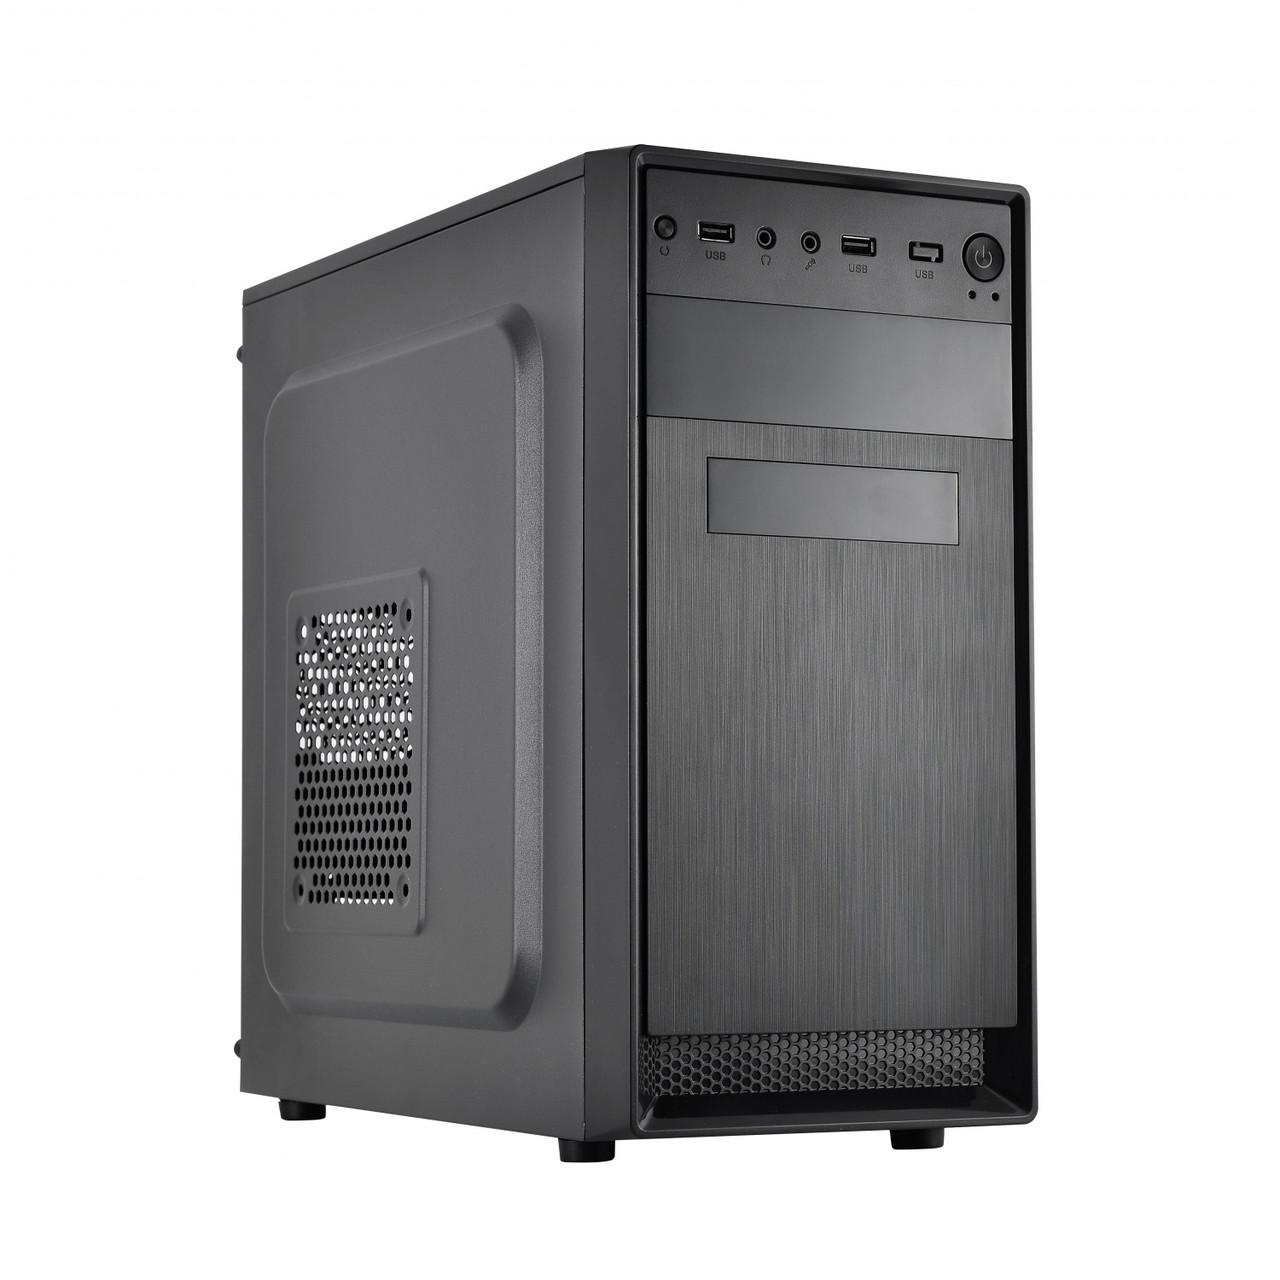 Компьютер SMART AMD E1-6010 (1.35GHz) /2GB/HDD 500/450W